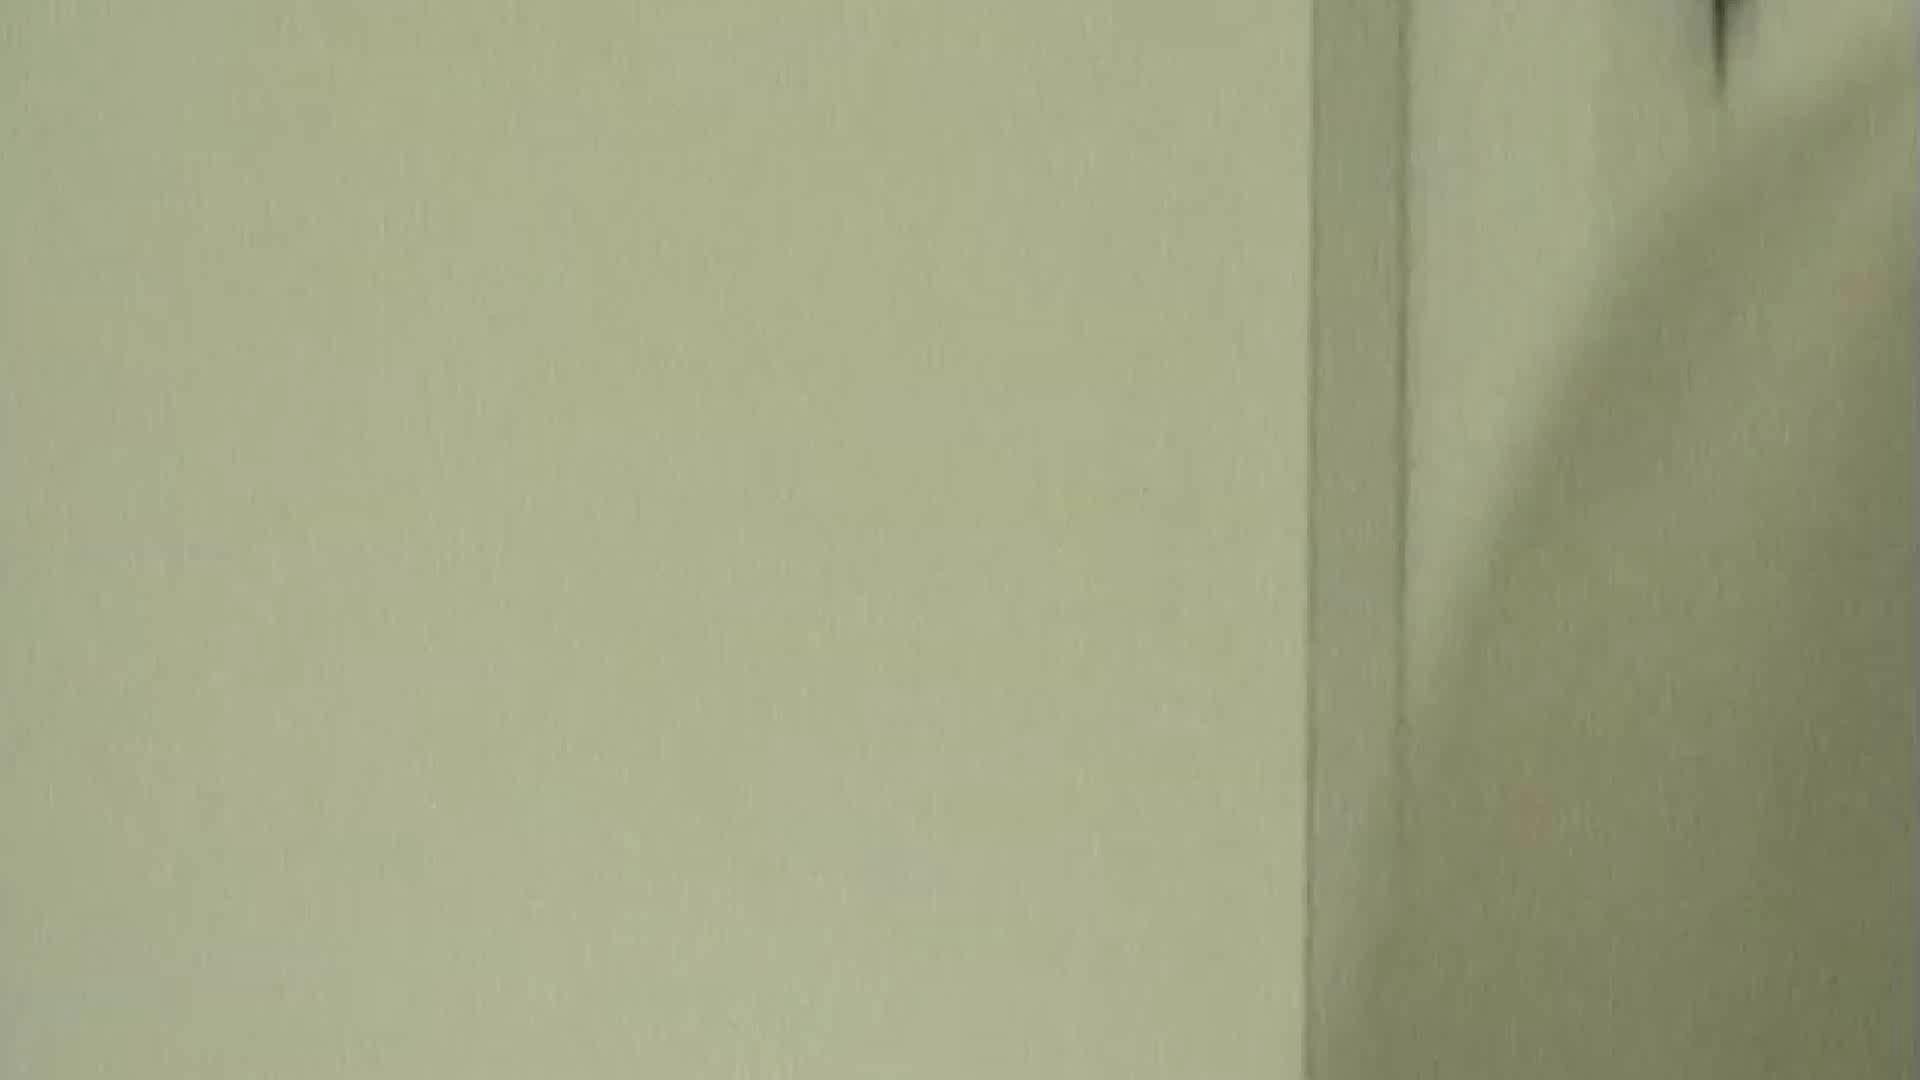 キレカワ女子大生の秘密の洗面所!Vol.023 盗撮 隠し撮りオマンコ動画紹介 65PIX 43